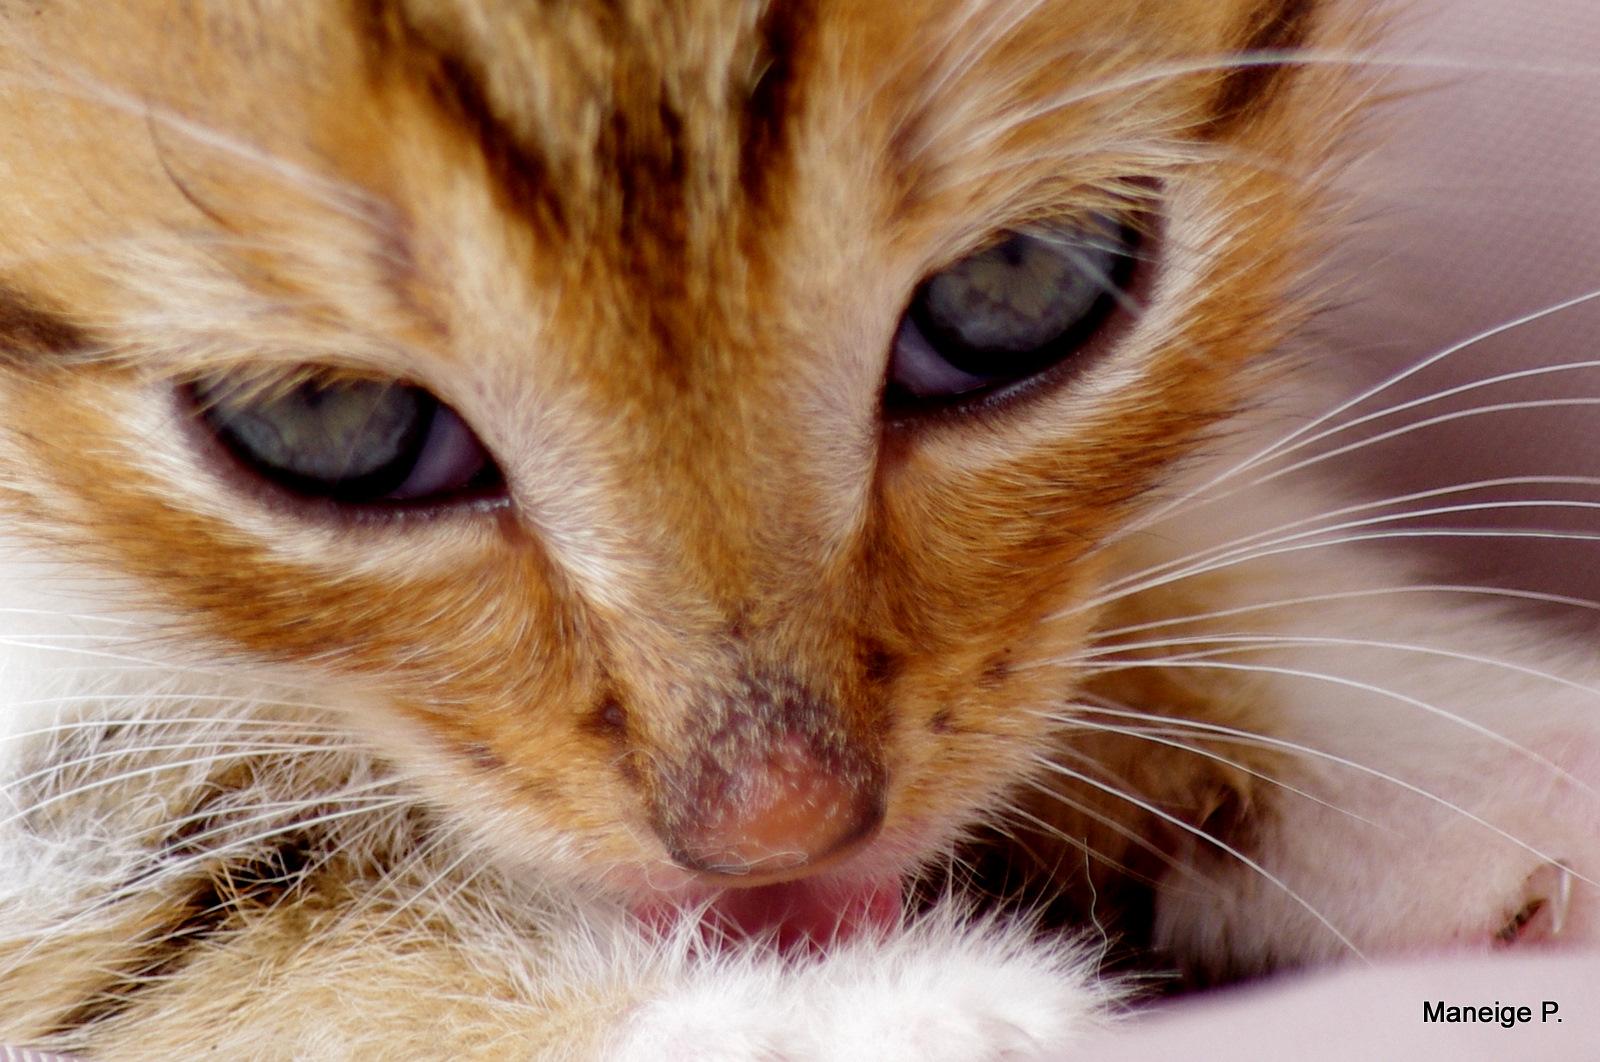 Imcaramelkitten Instagram Caremel Kitten Images ...